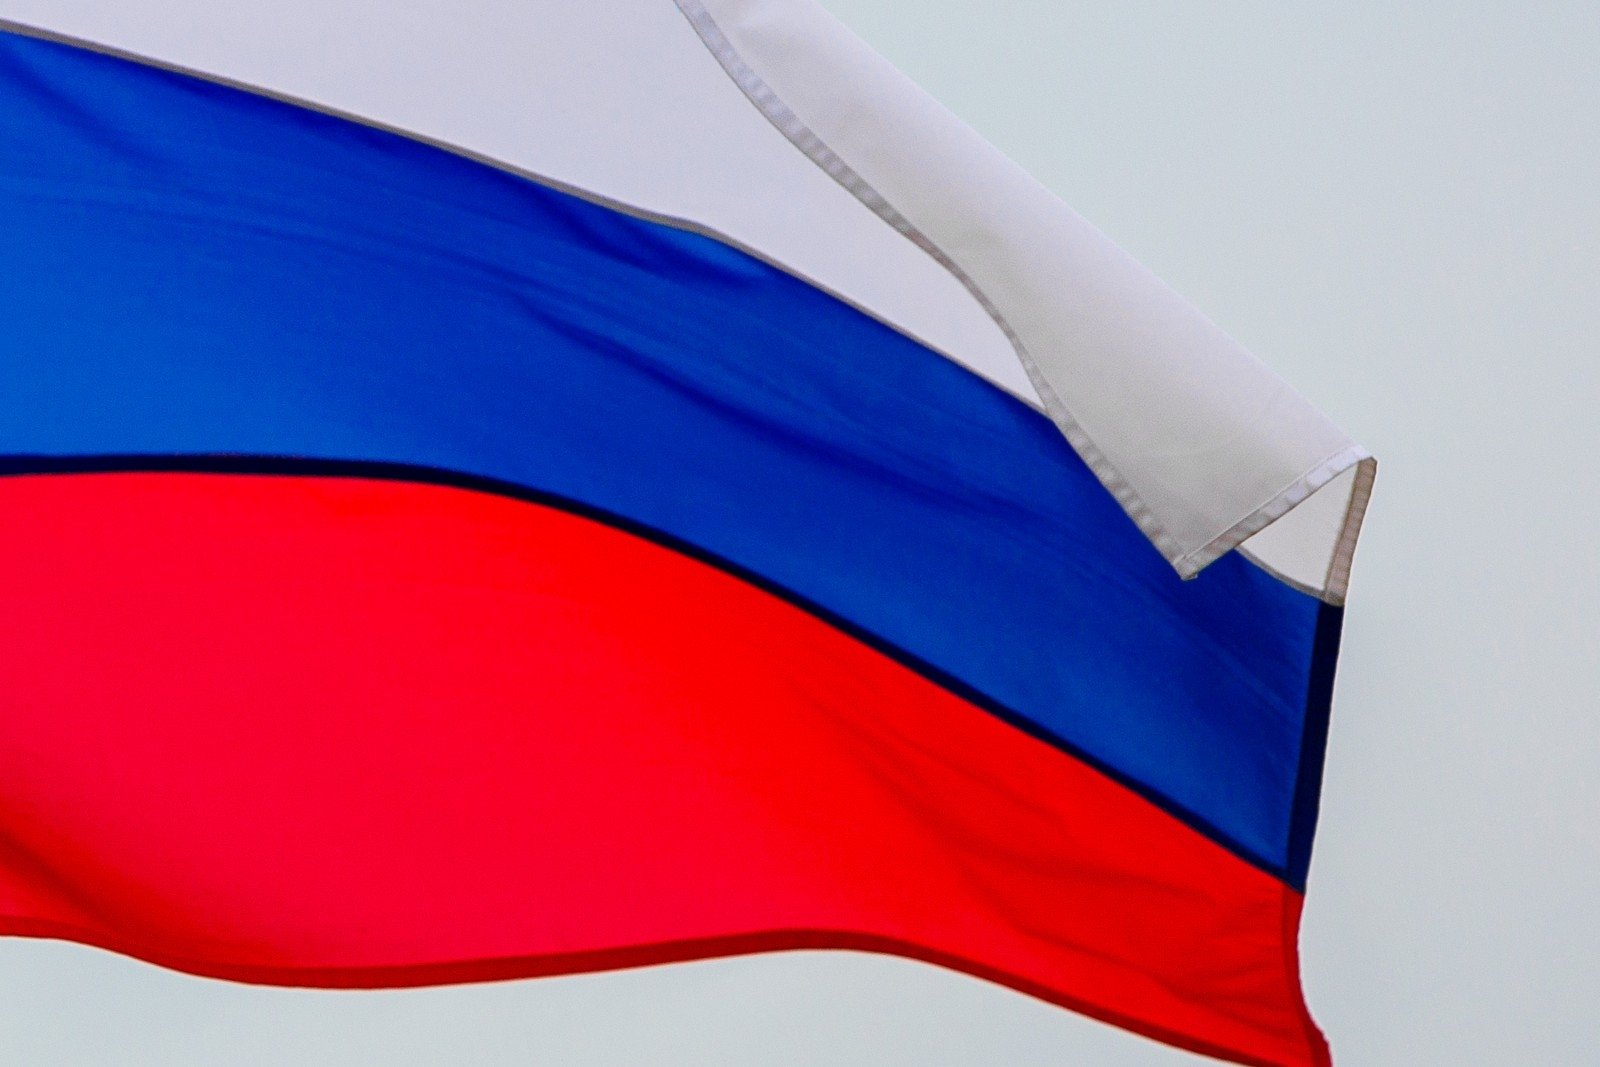 взлетаю флаг российской республики фото капуста один